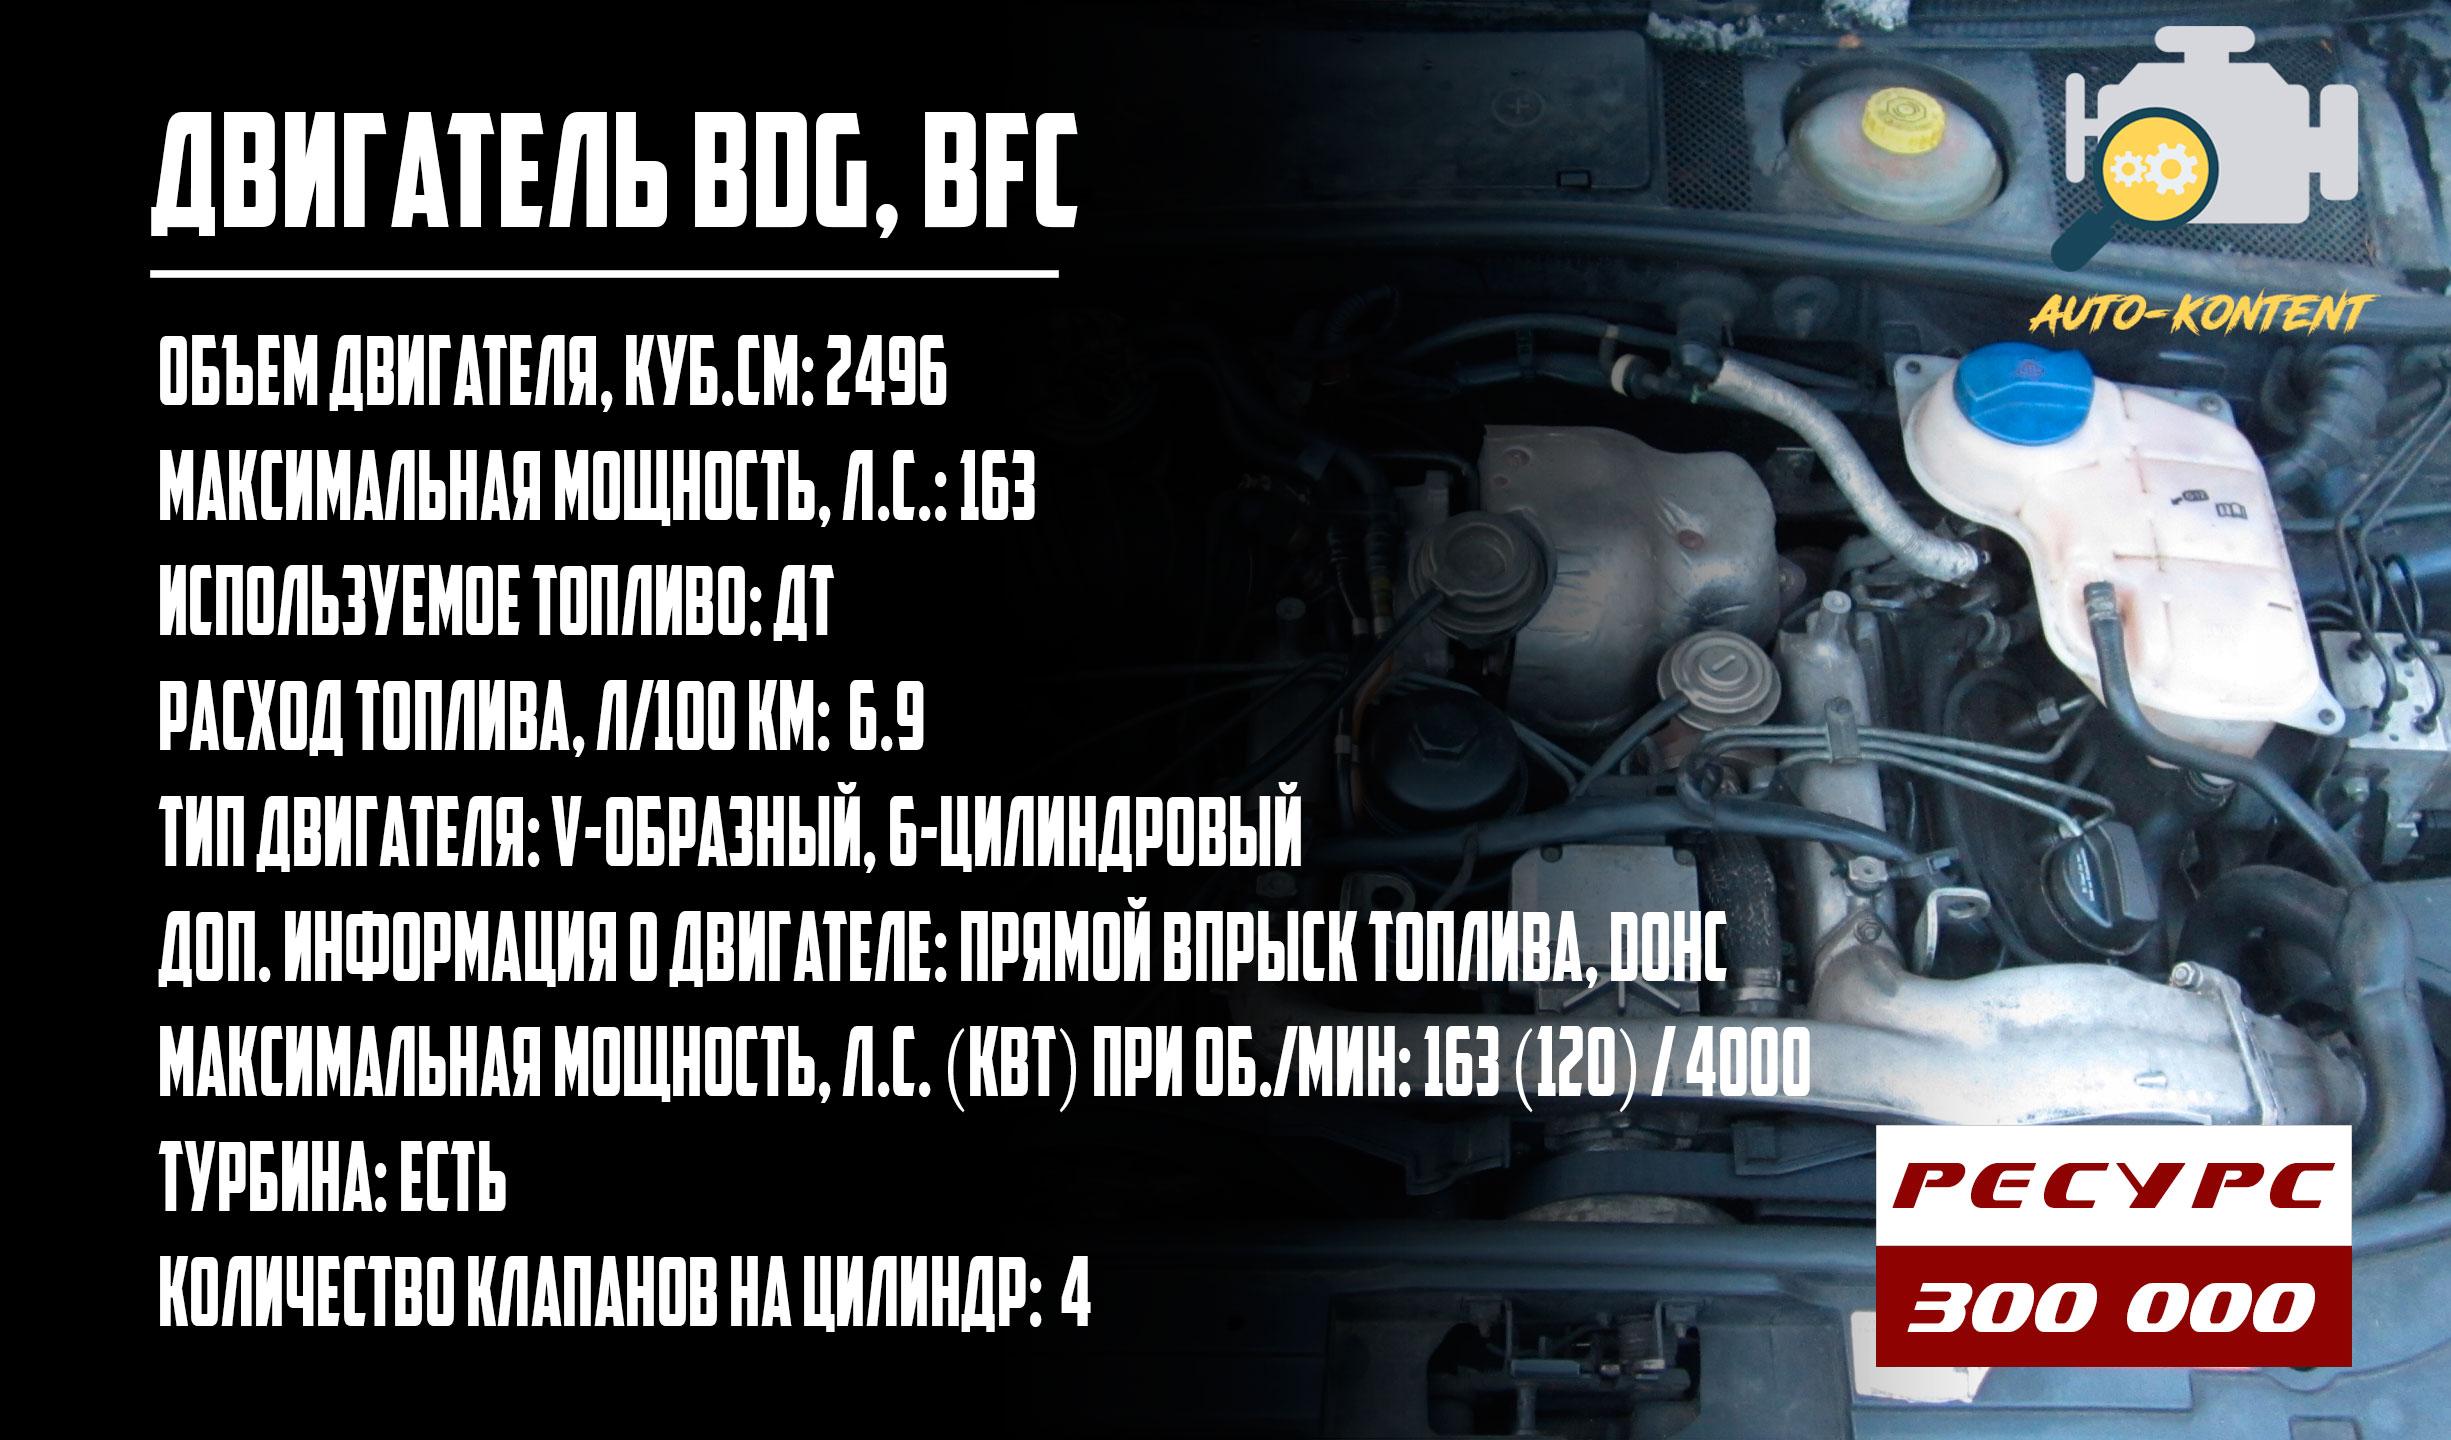 BDG, BFC